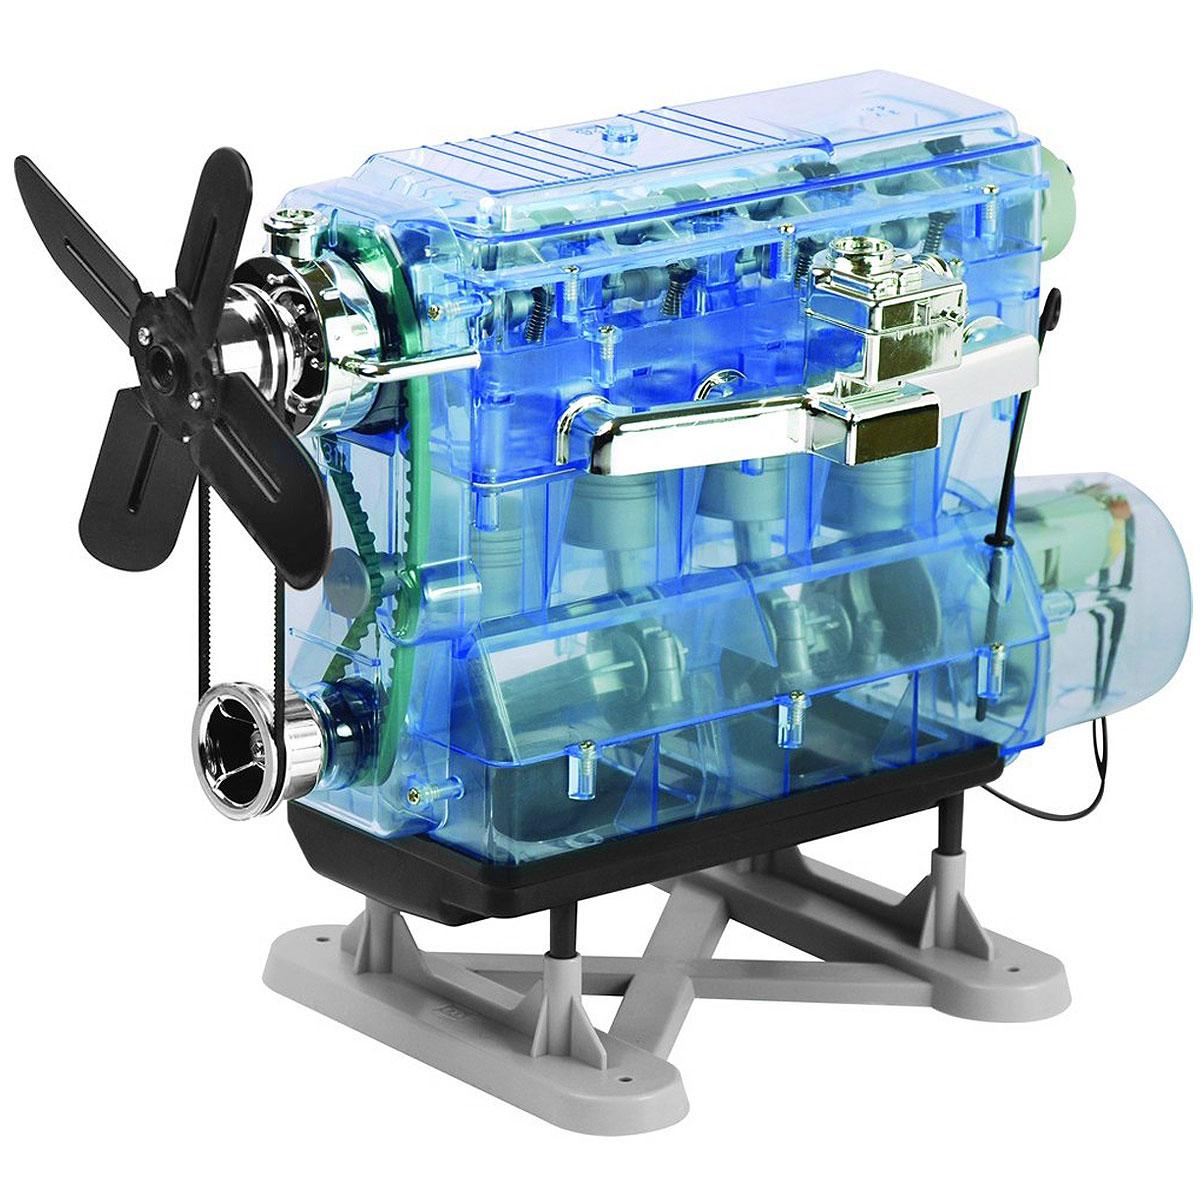 двигатель внутреннего сгорания